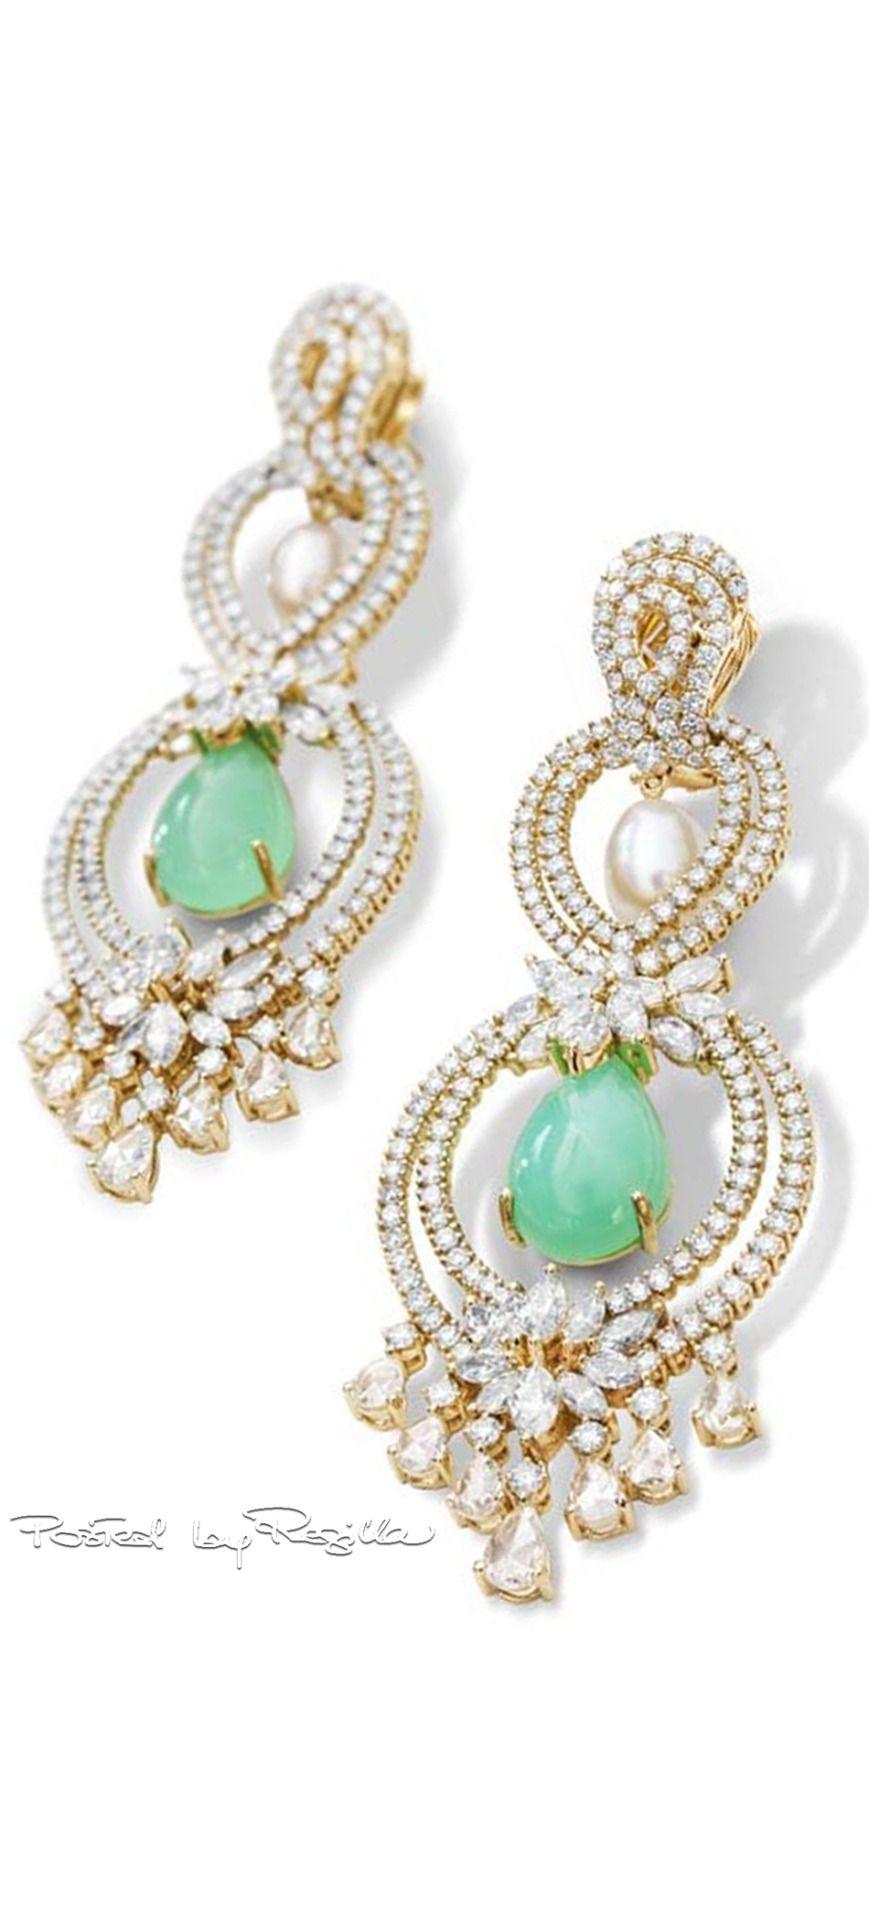 Regilla farah khan tiaras y joyas fantásticas pinterest